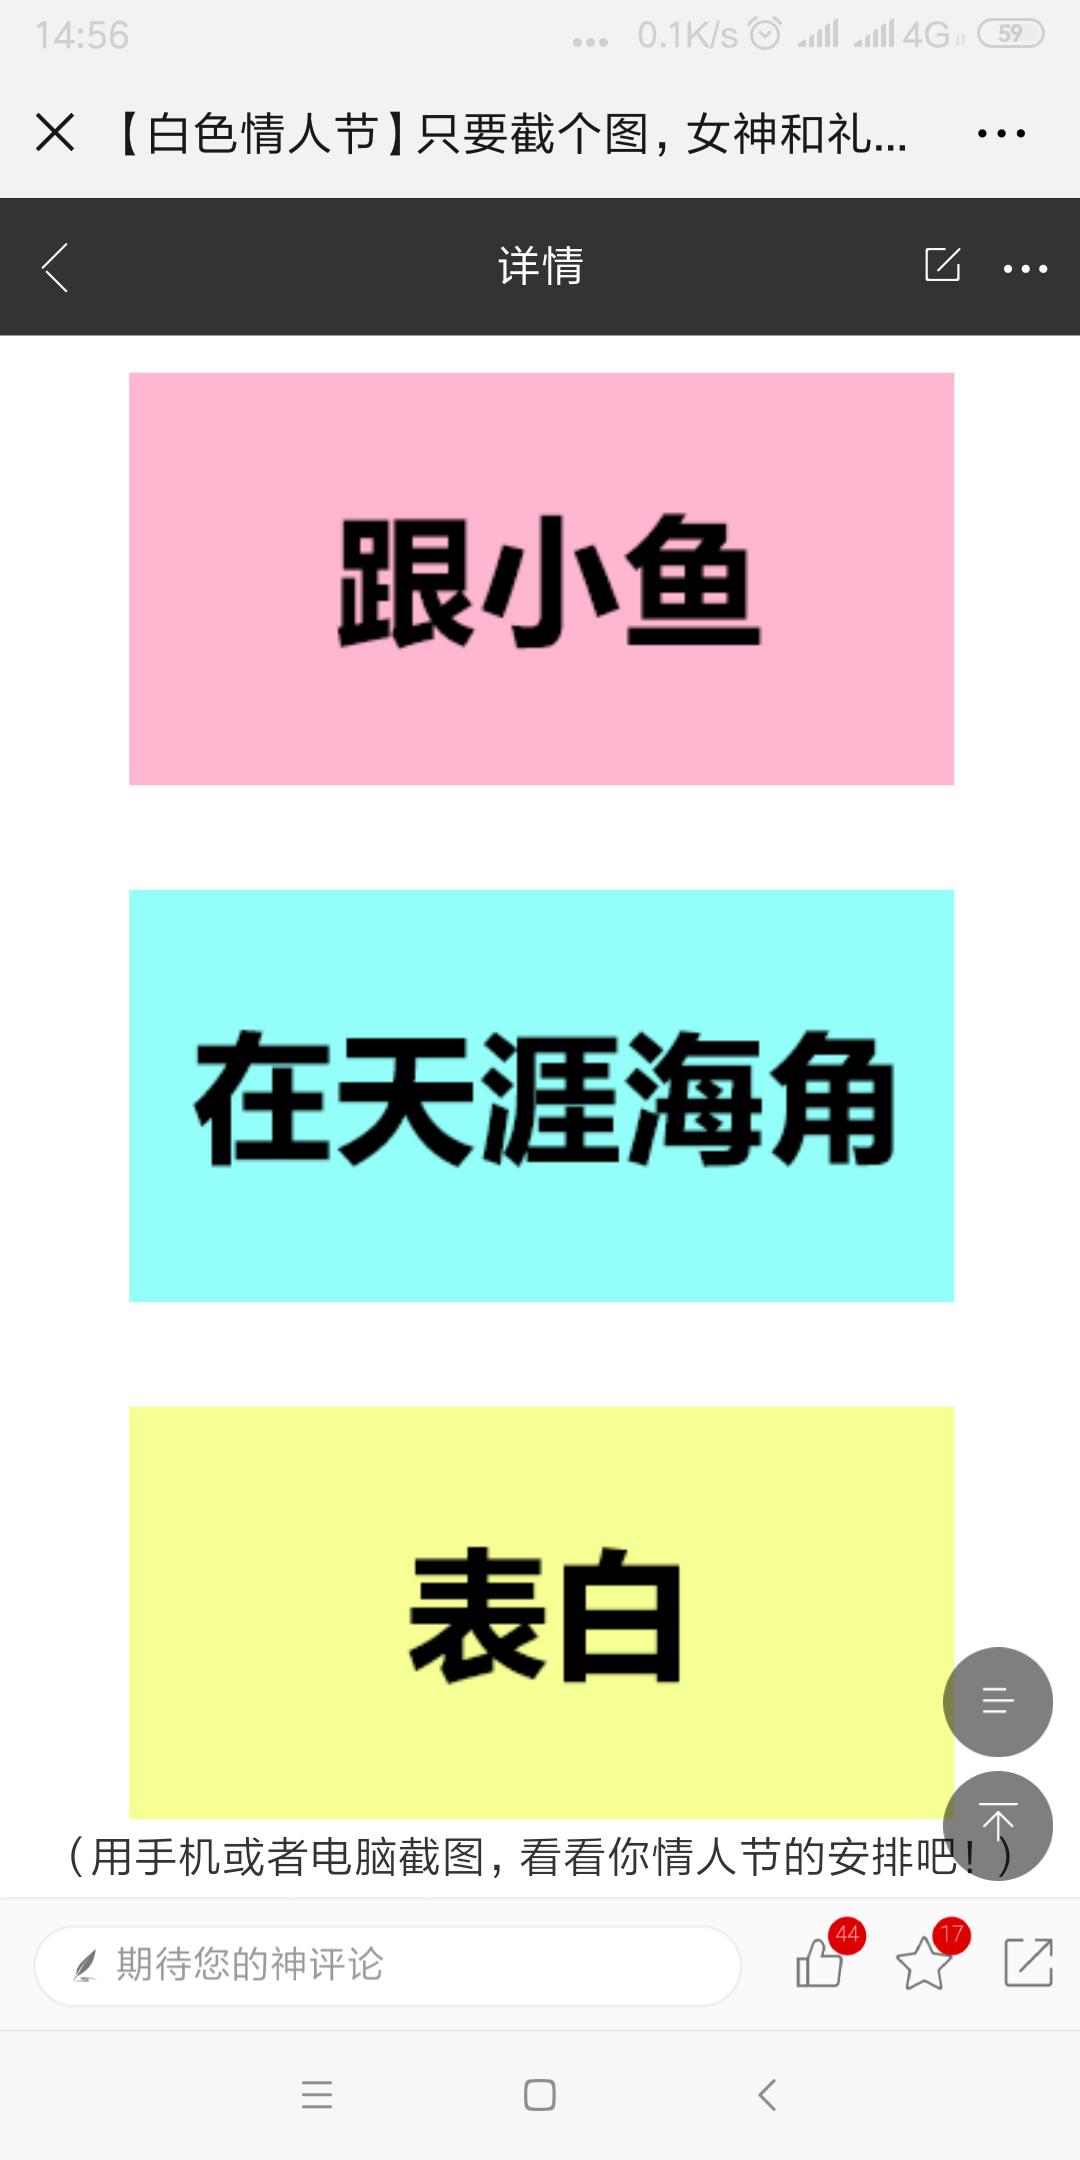 Screenshot_2019-03-14-14-56-17-595_com.tencent.mm.png